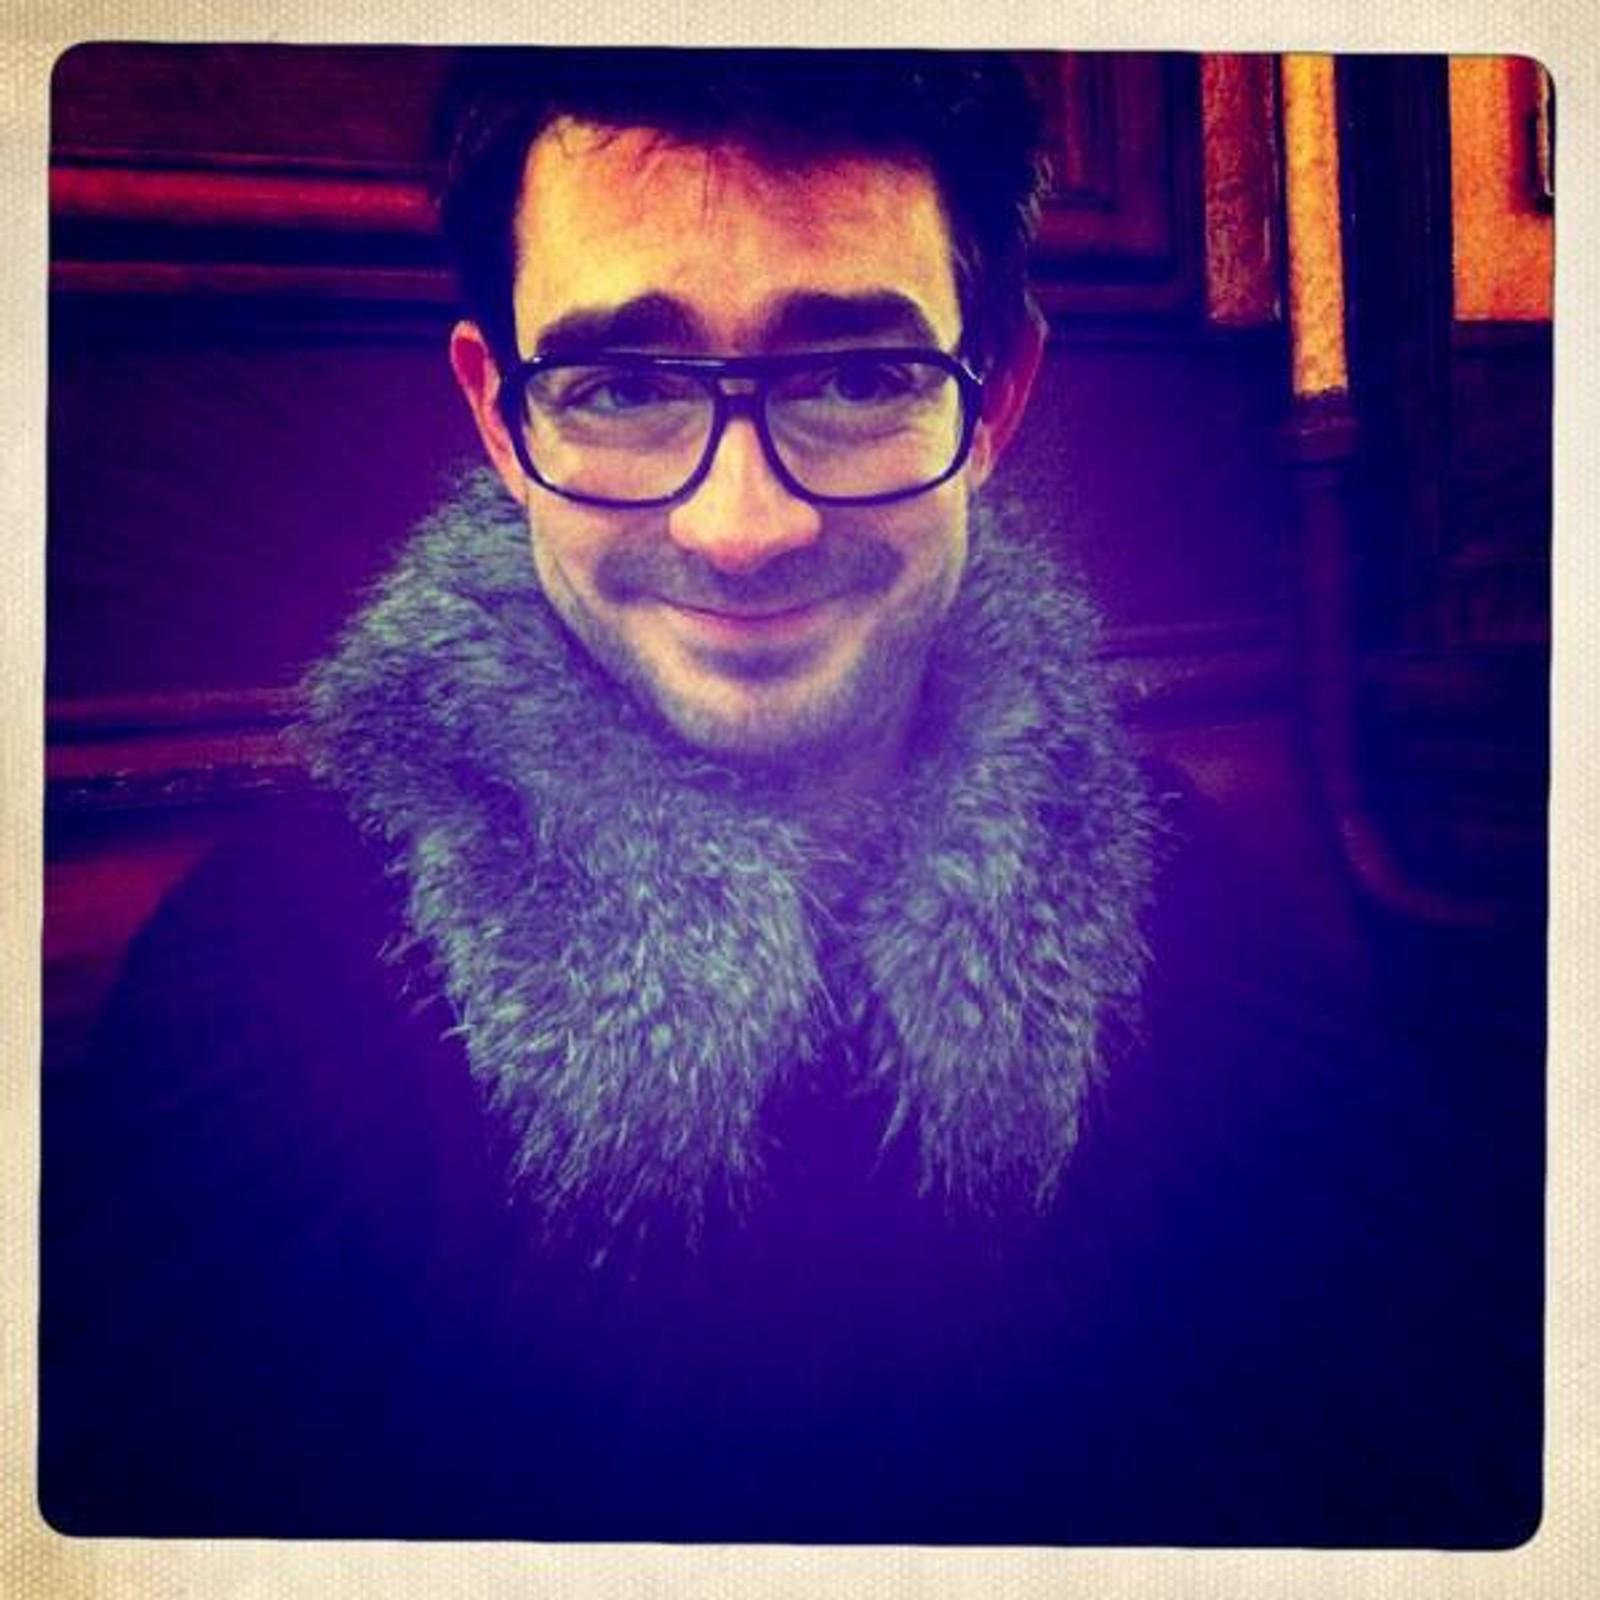 Franske Eric Thome ble drept under konserten på Bataclan. Han var grafiker og fotograf. Eric hadde lidenskap for musikk.